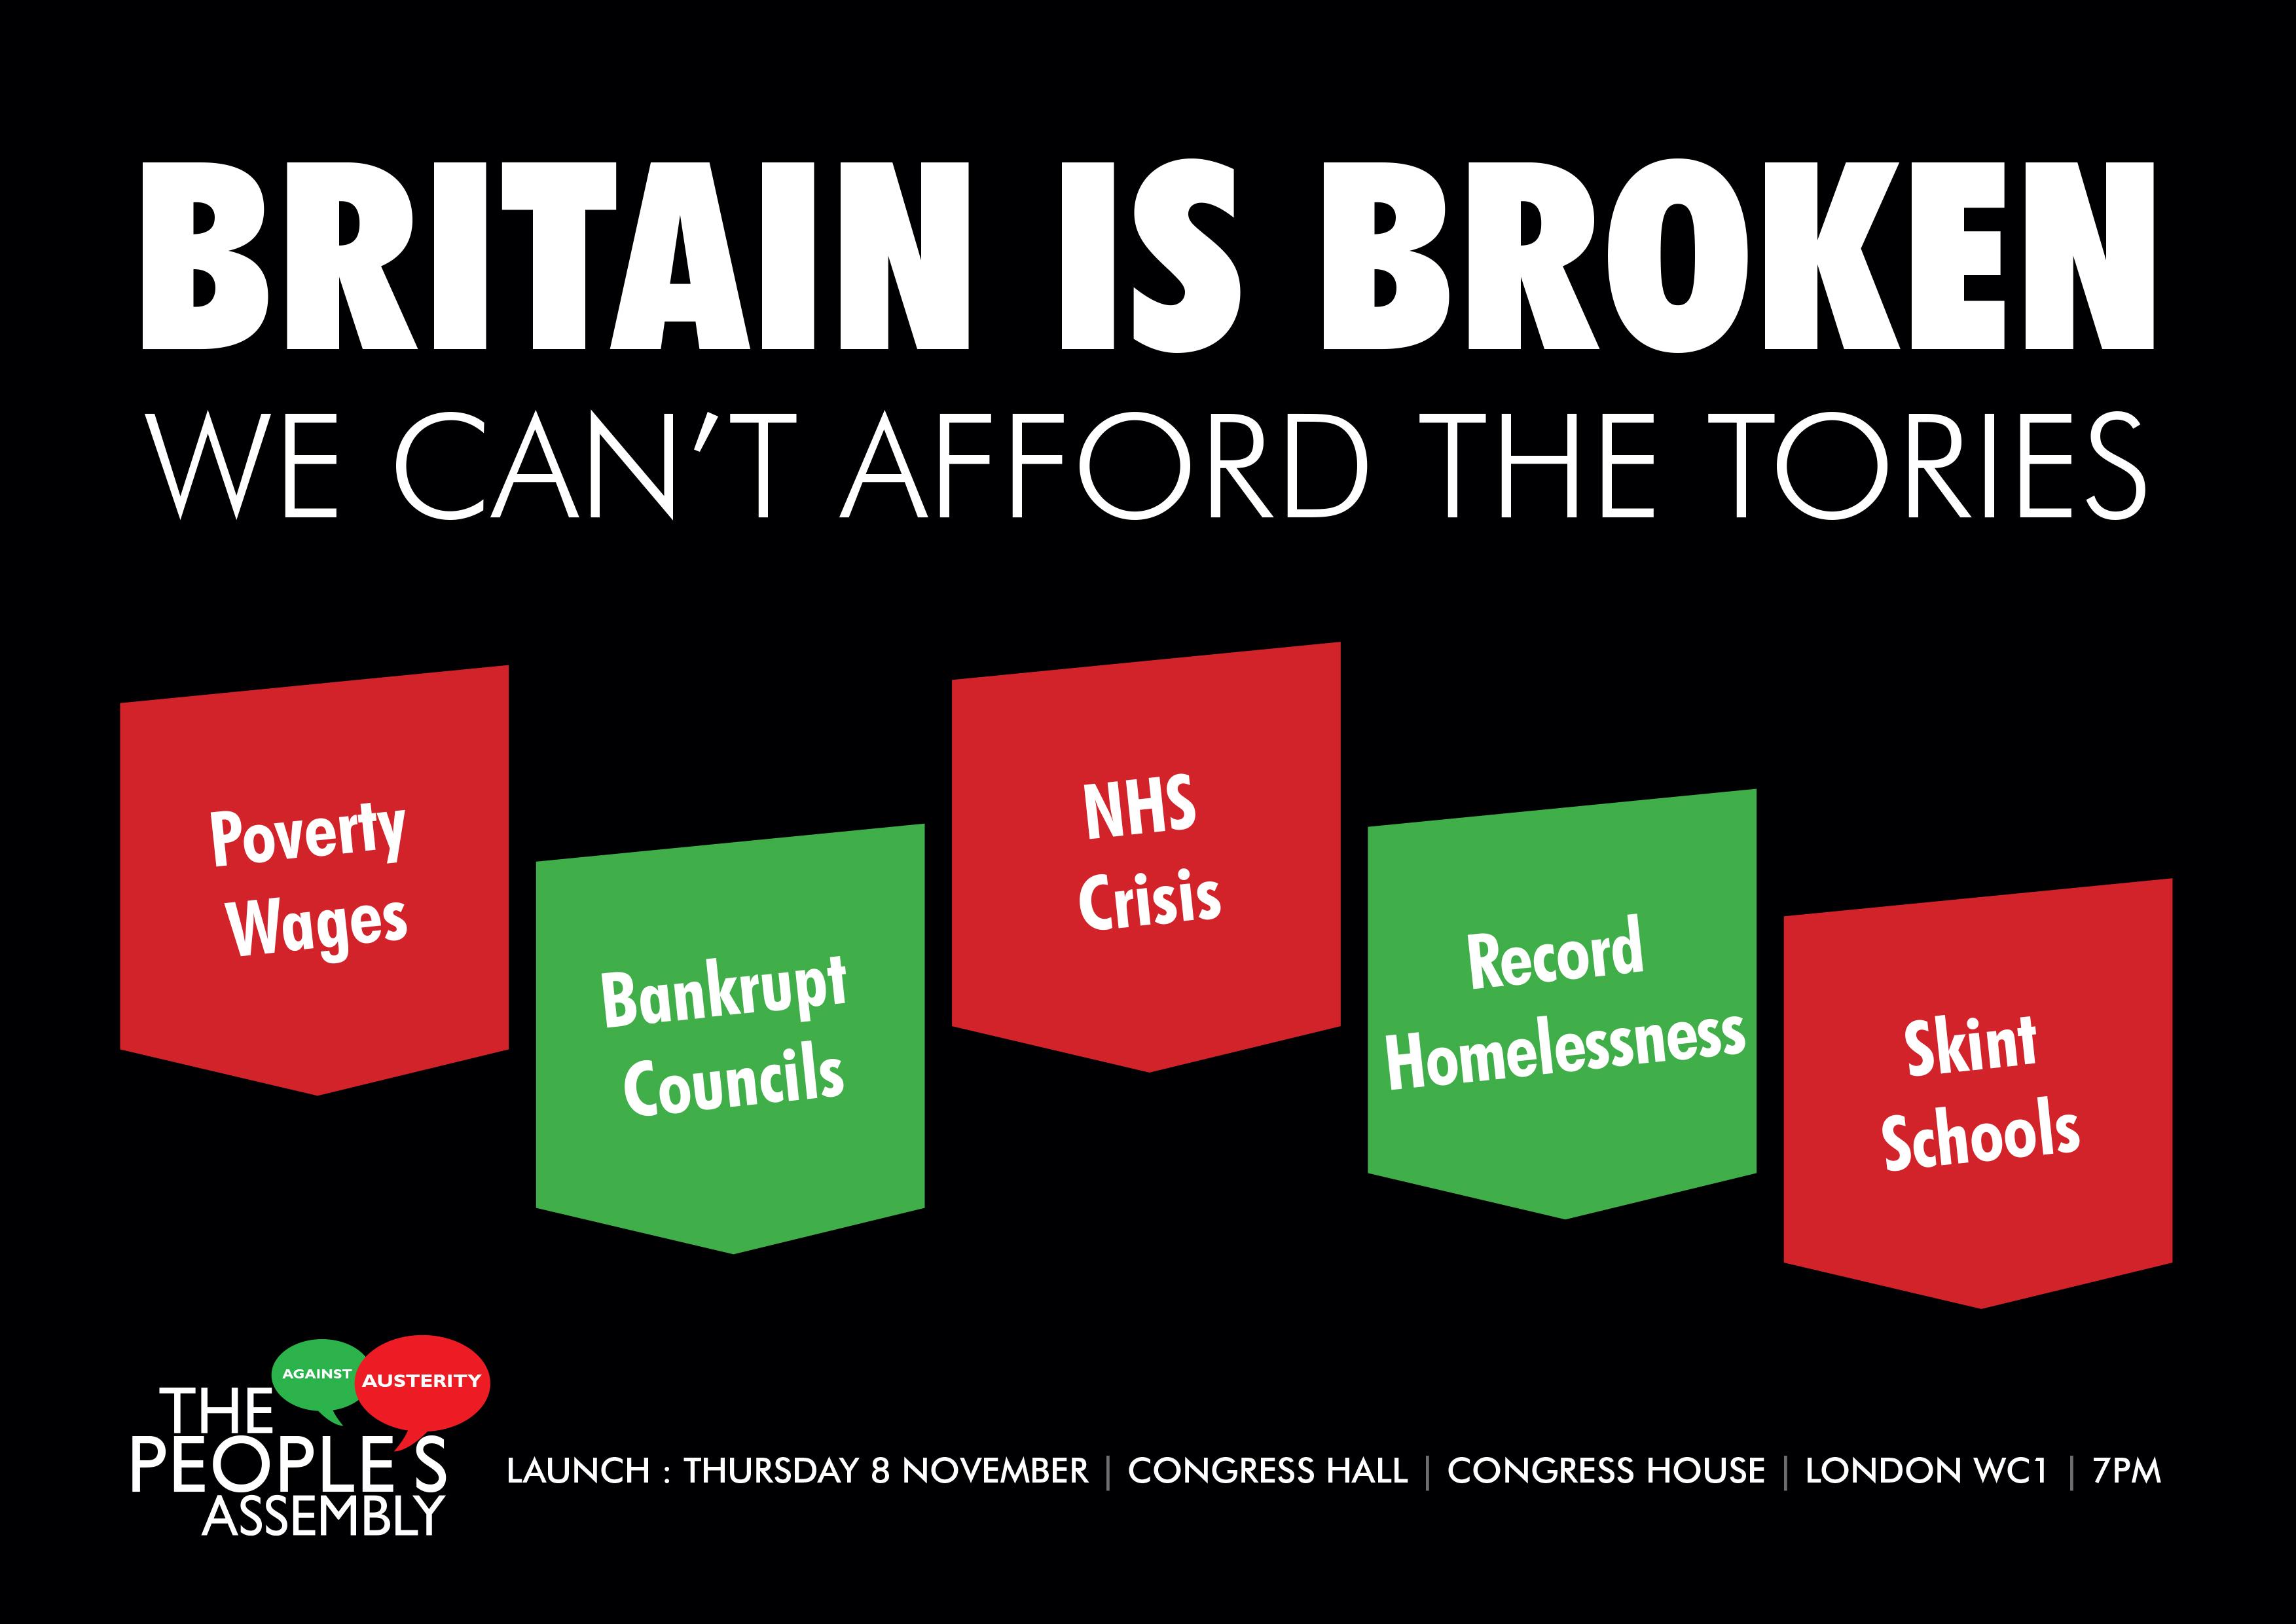 Britain_is_Broken_This_One_-2_(1).jpg